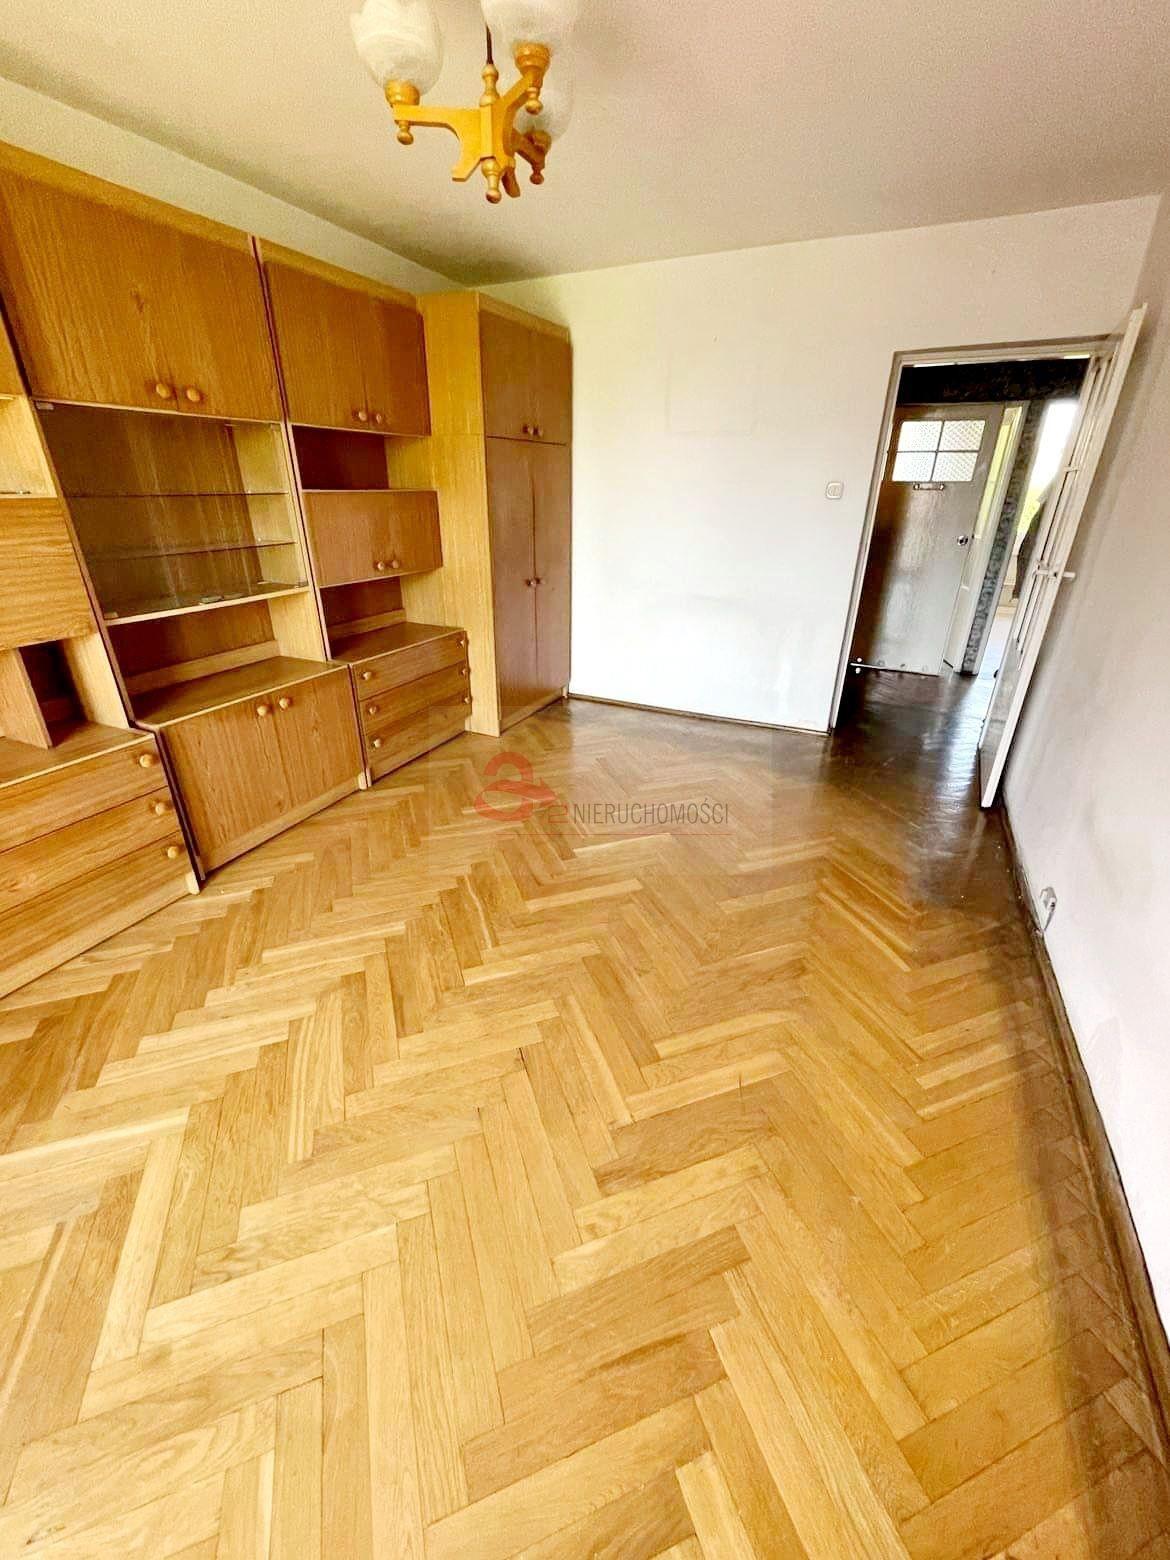 Mieszkanie dwupokojowe na sprzedaż Poznań, Poznań-Stare Miasto, Stare Miasto, Kazimierza Wielkiego  42m2 Foto 6